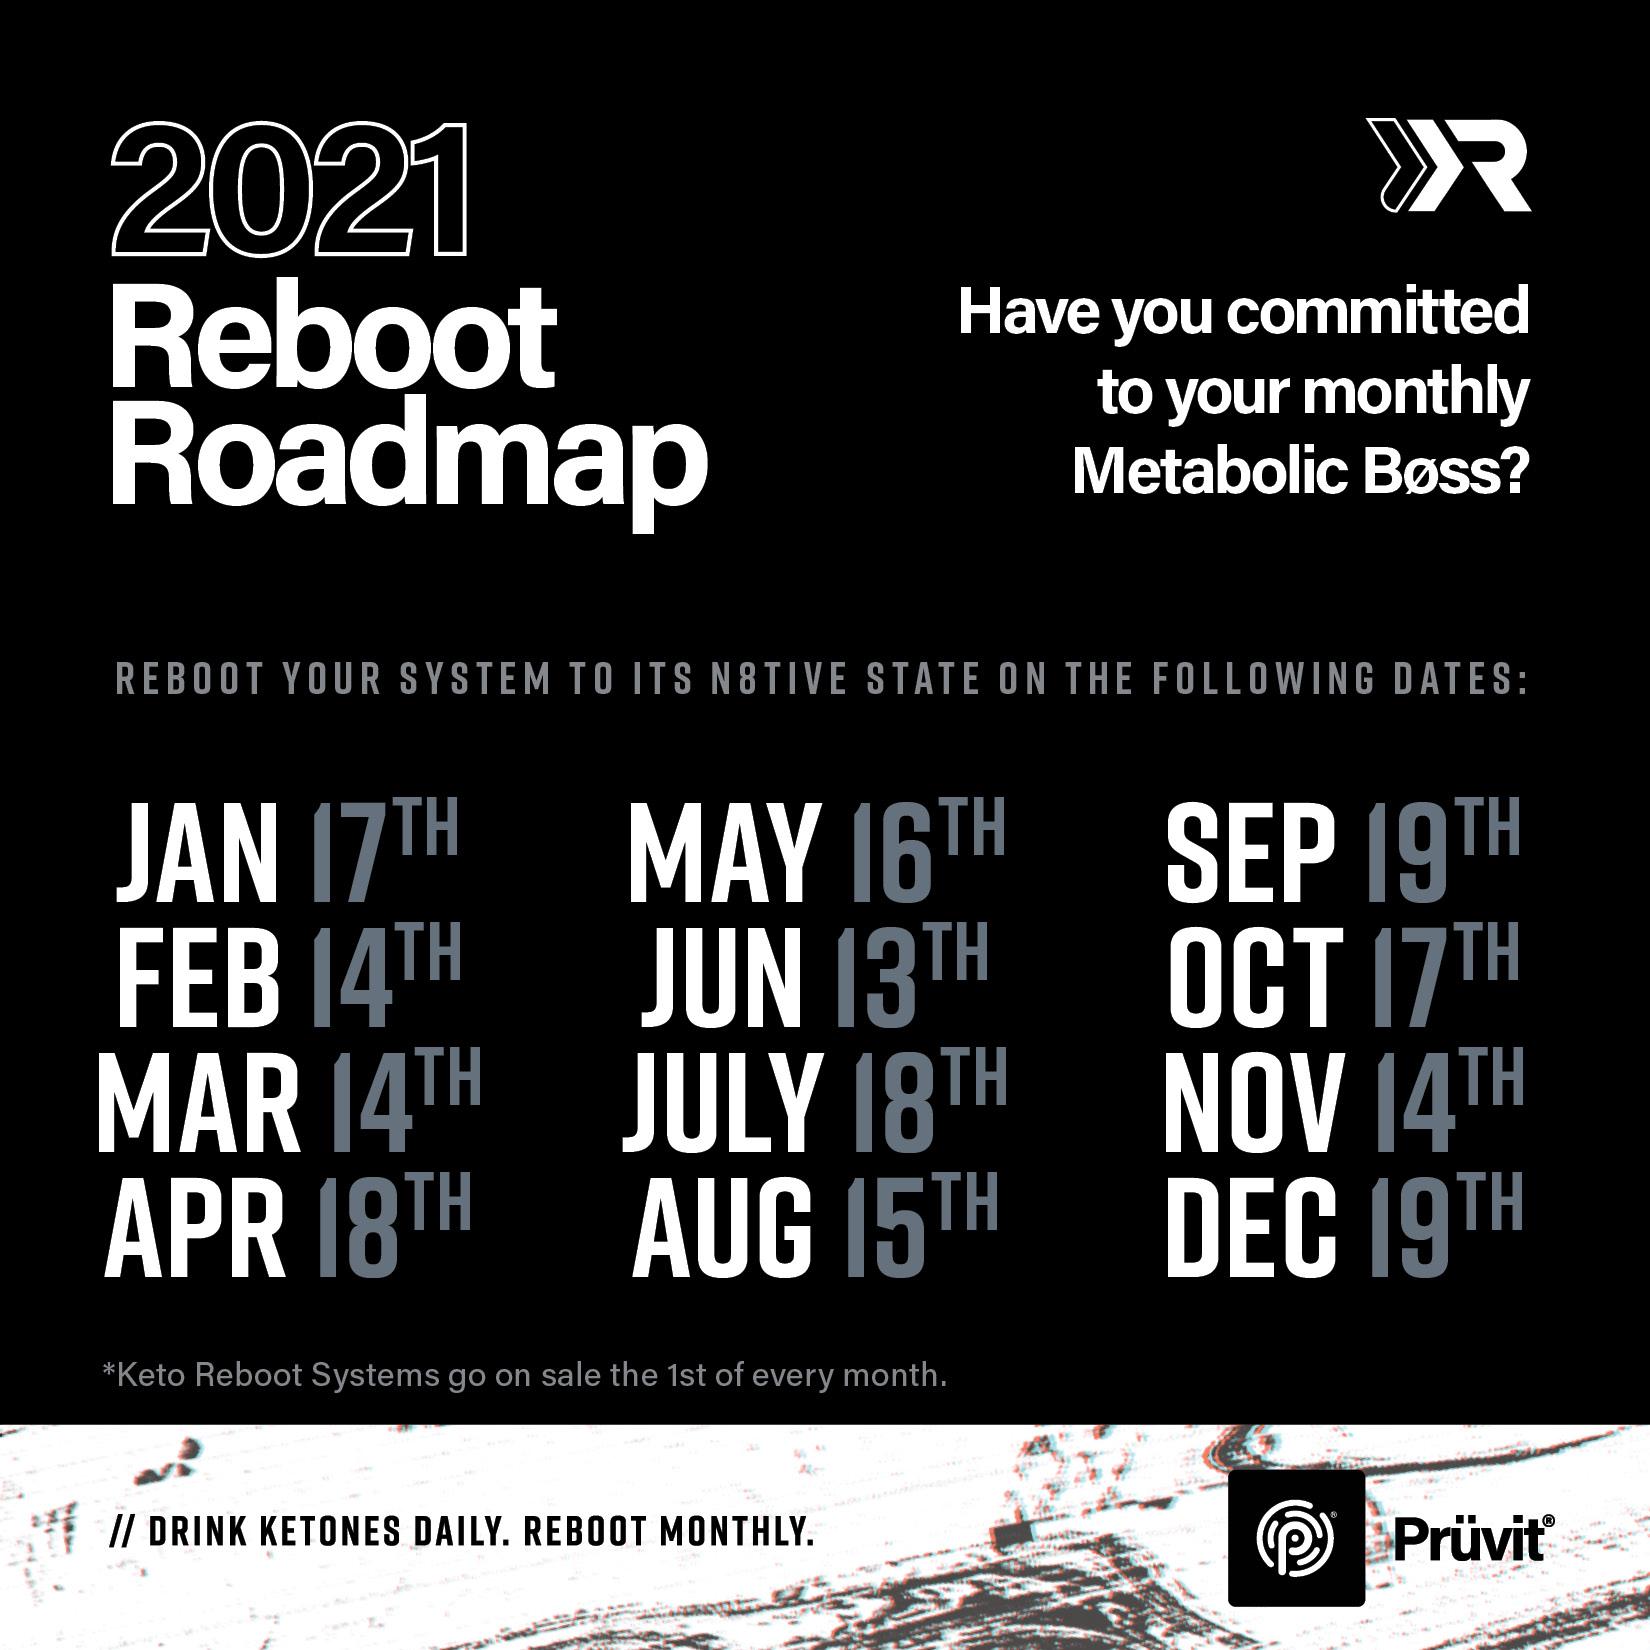 reboot-roadmap